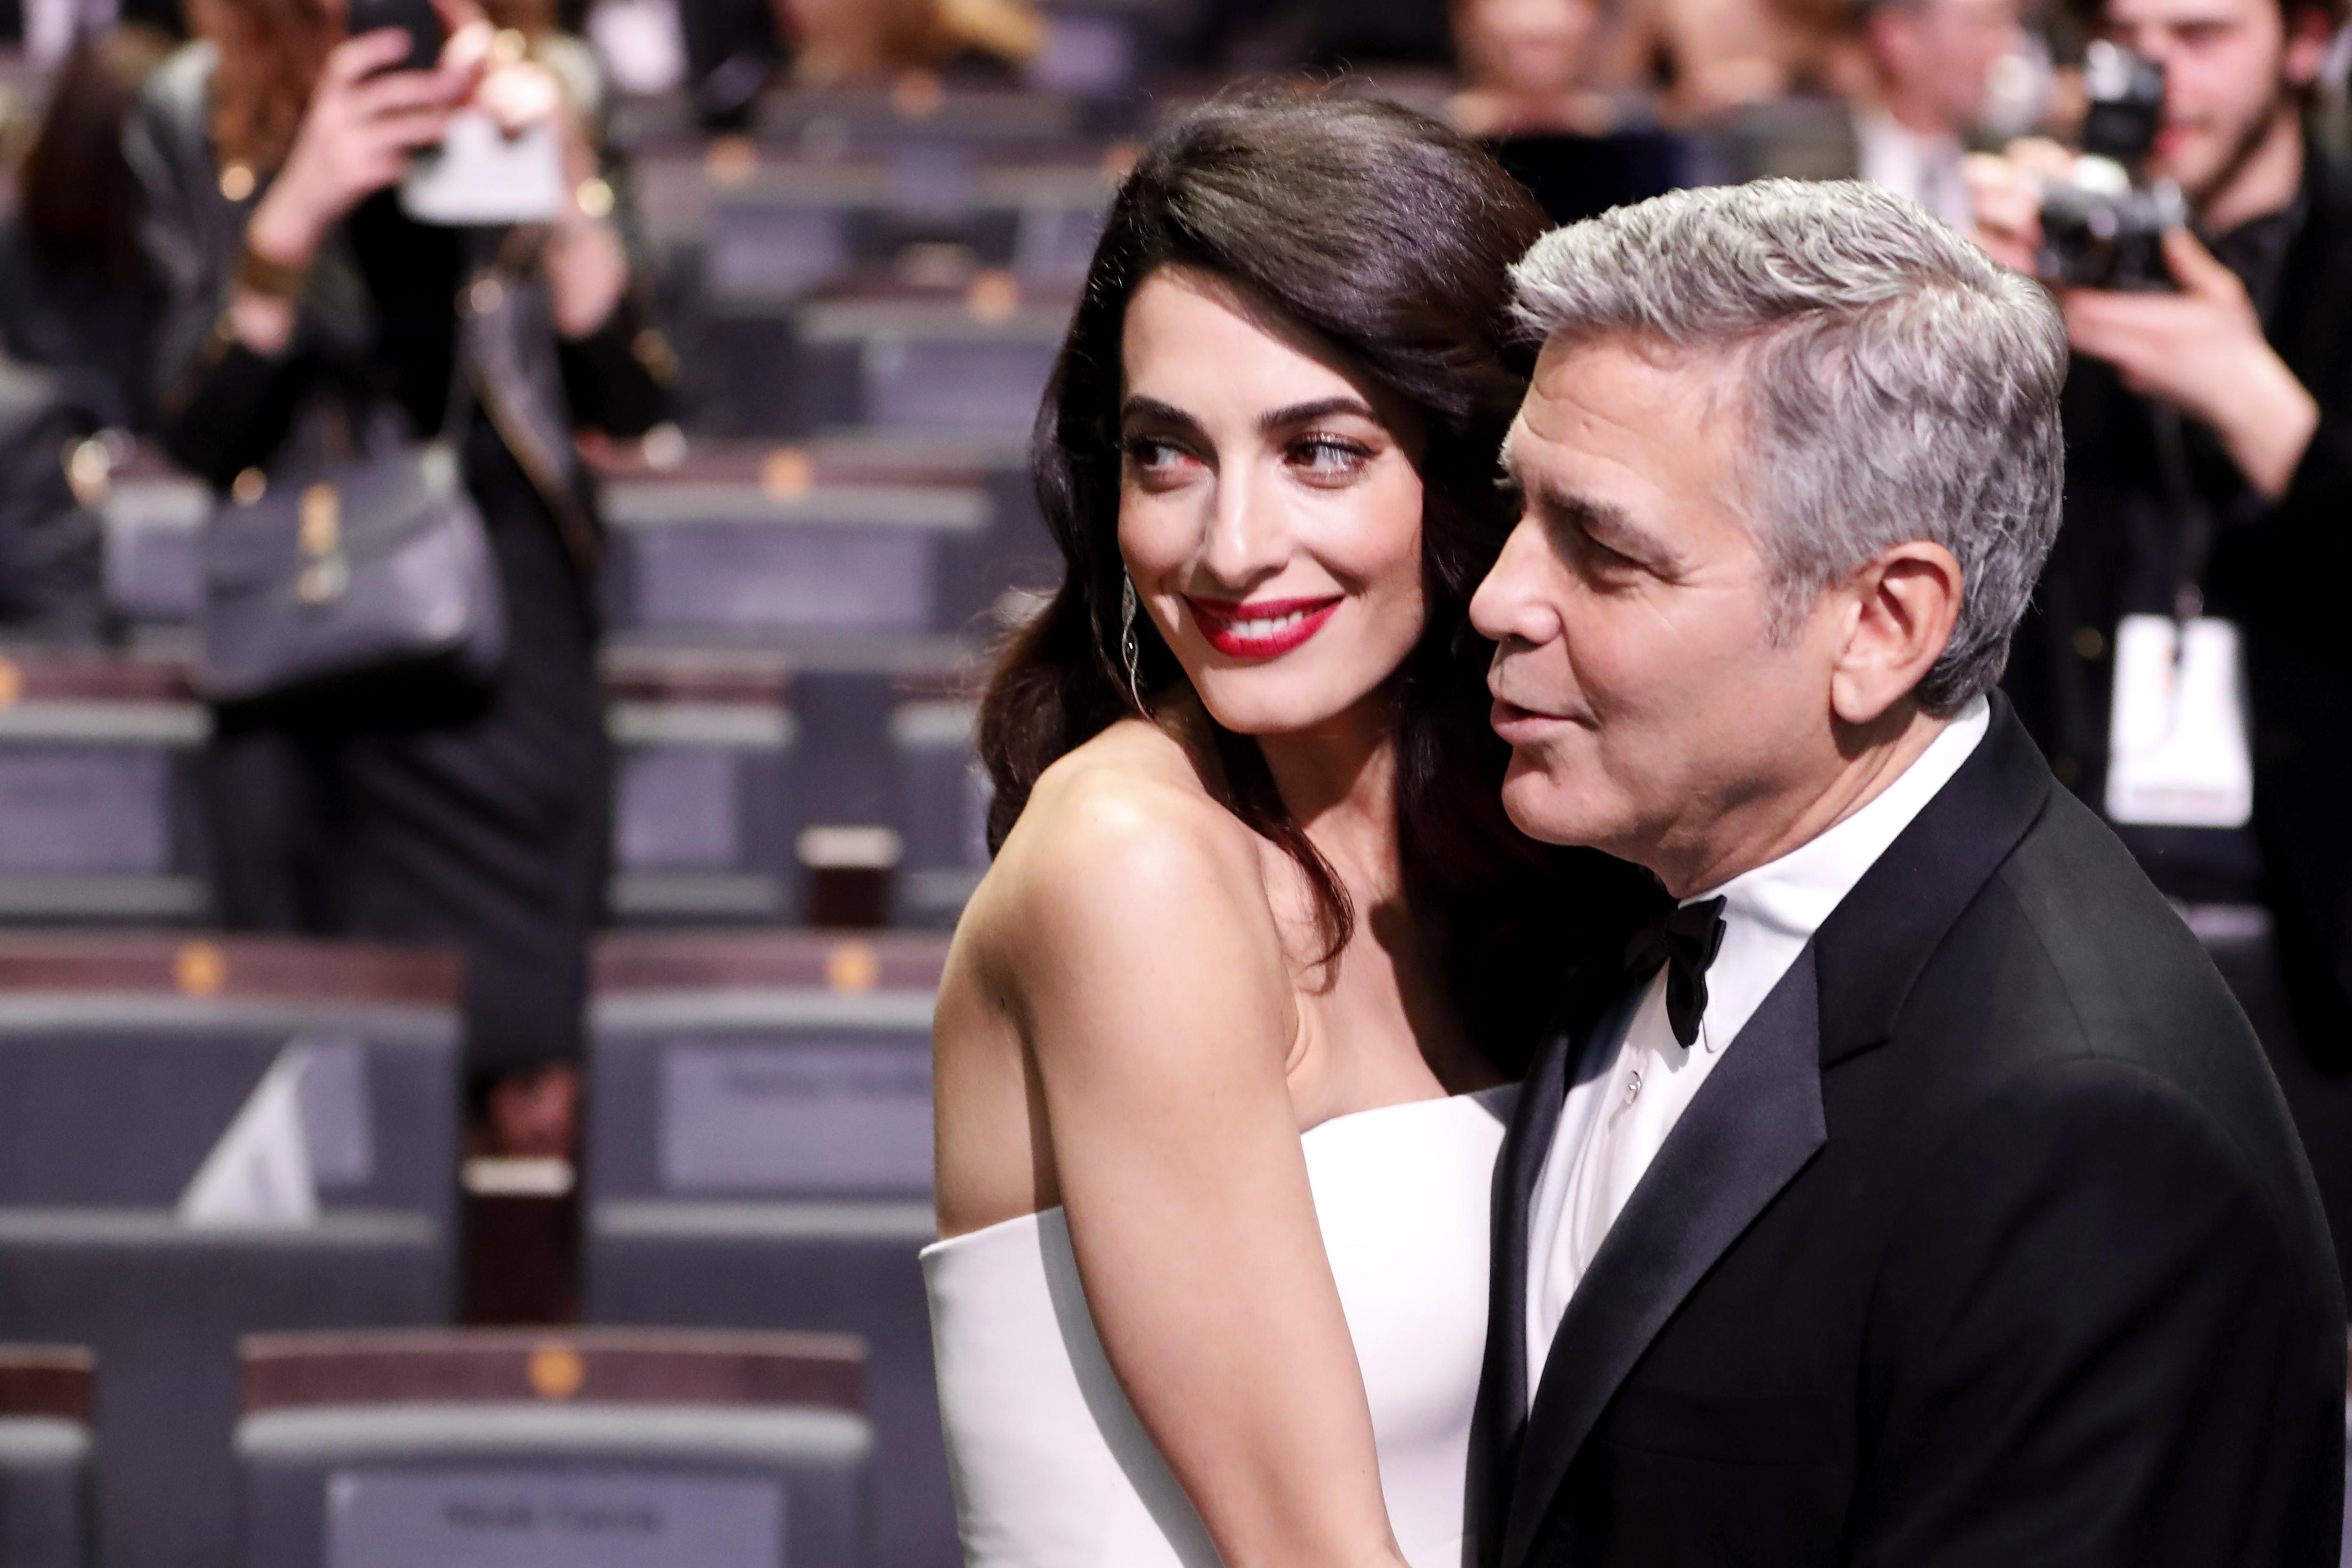 L'actor nord-americà George Clooney i la seva dona, l'advocada britànica Amal Clooney, han estat pares de bessons, als que han anomenat Ella i Alexander/Ian Langsdon